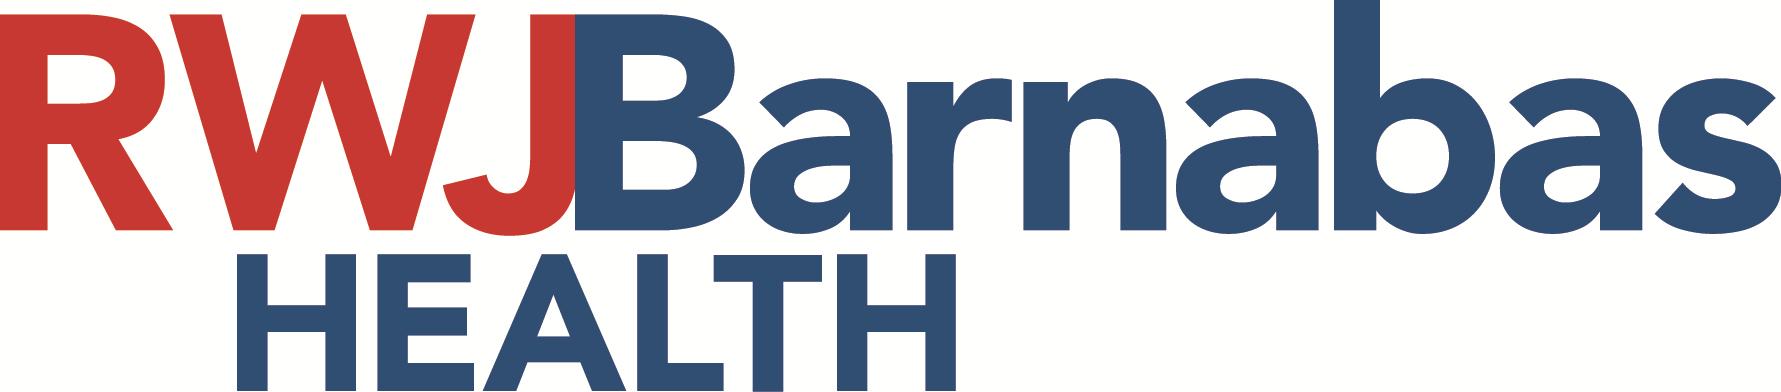 RWJBarnabas Health logo